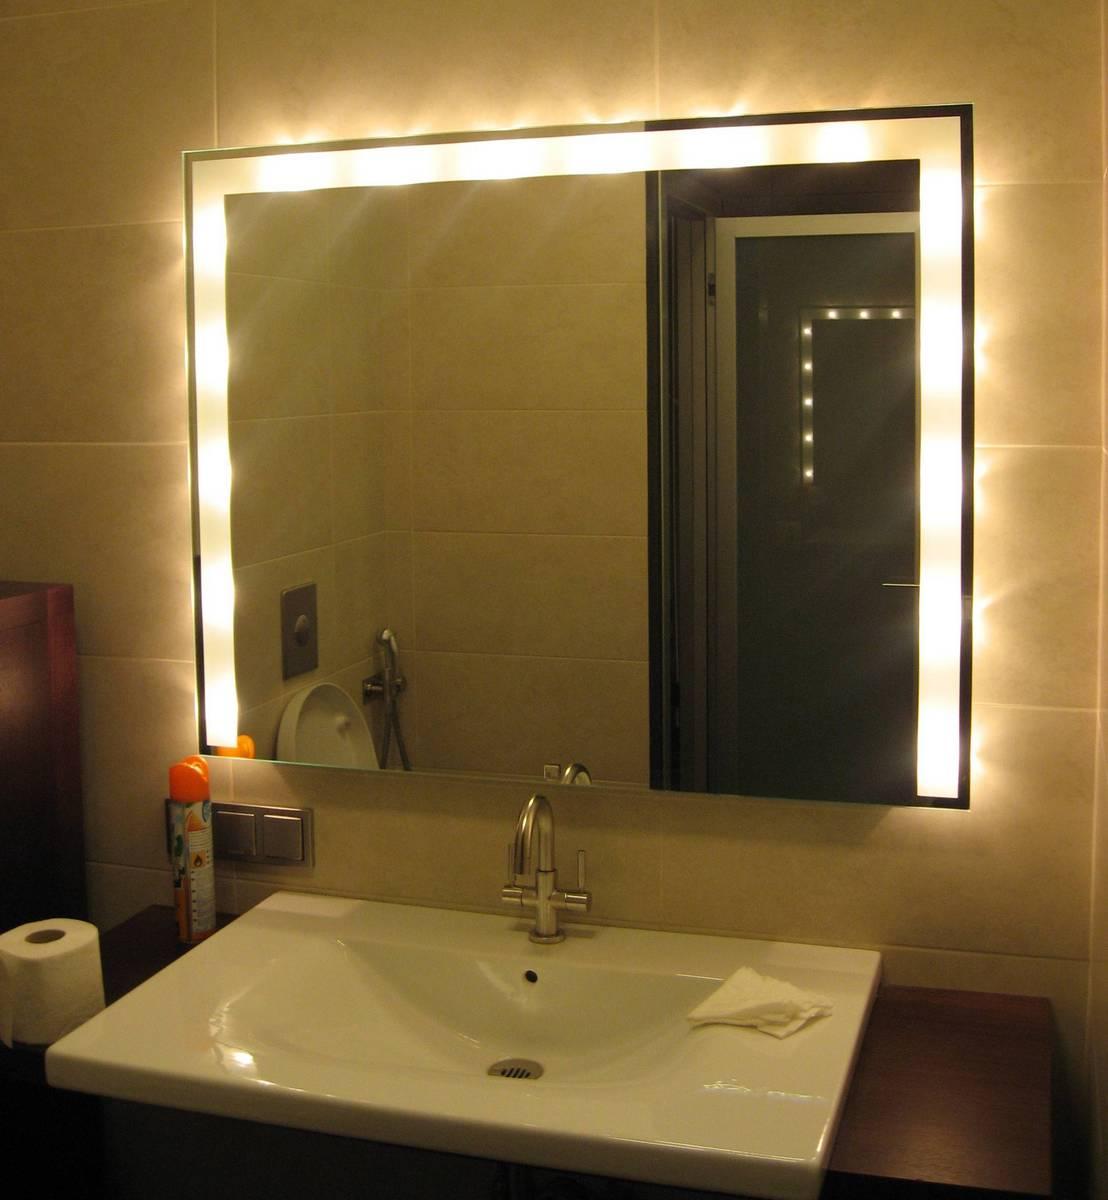 Как сделать светодиодную подсветку своими руками на зеркало фото 247